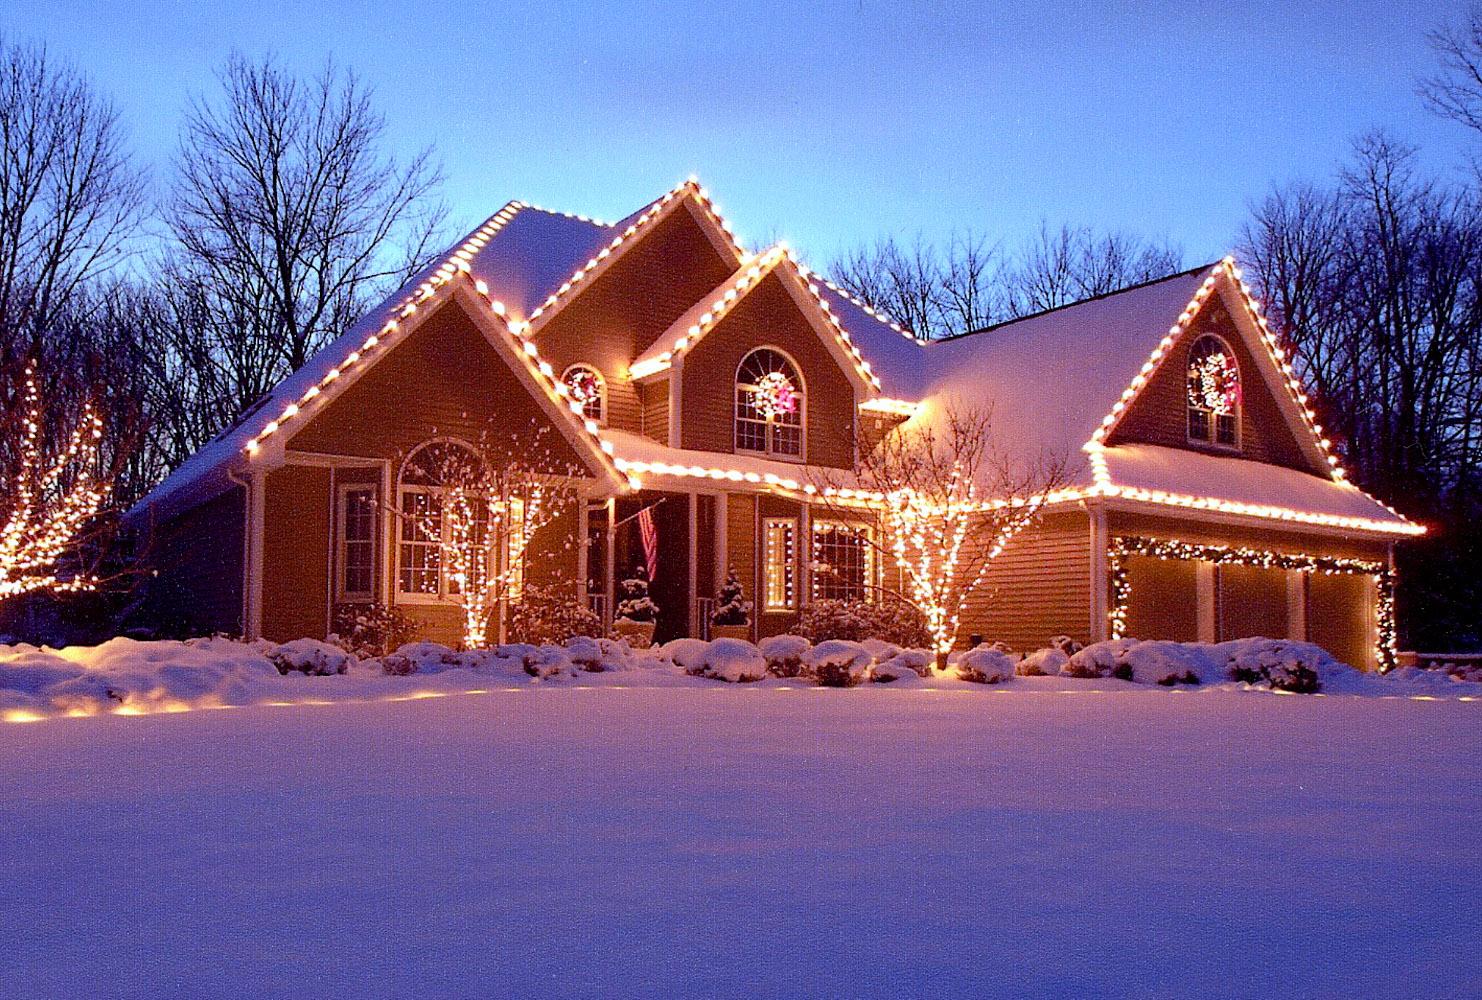 Картинки про новый год и зиму - самые удивительные и красивые 10